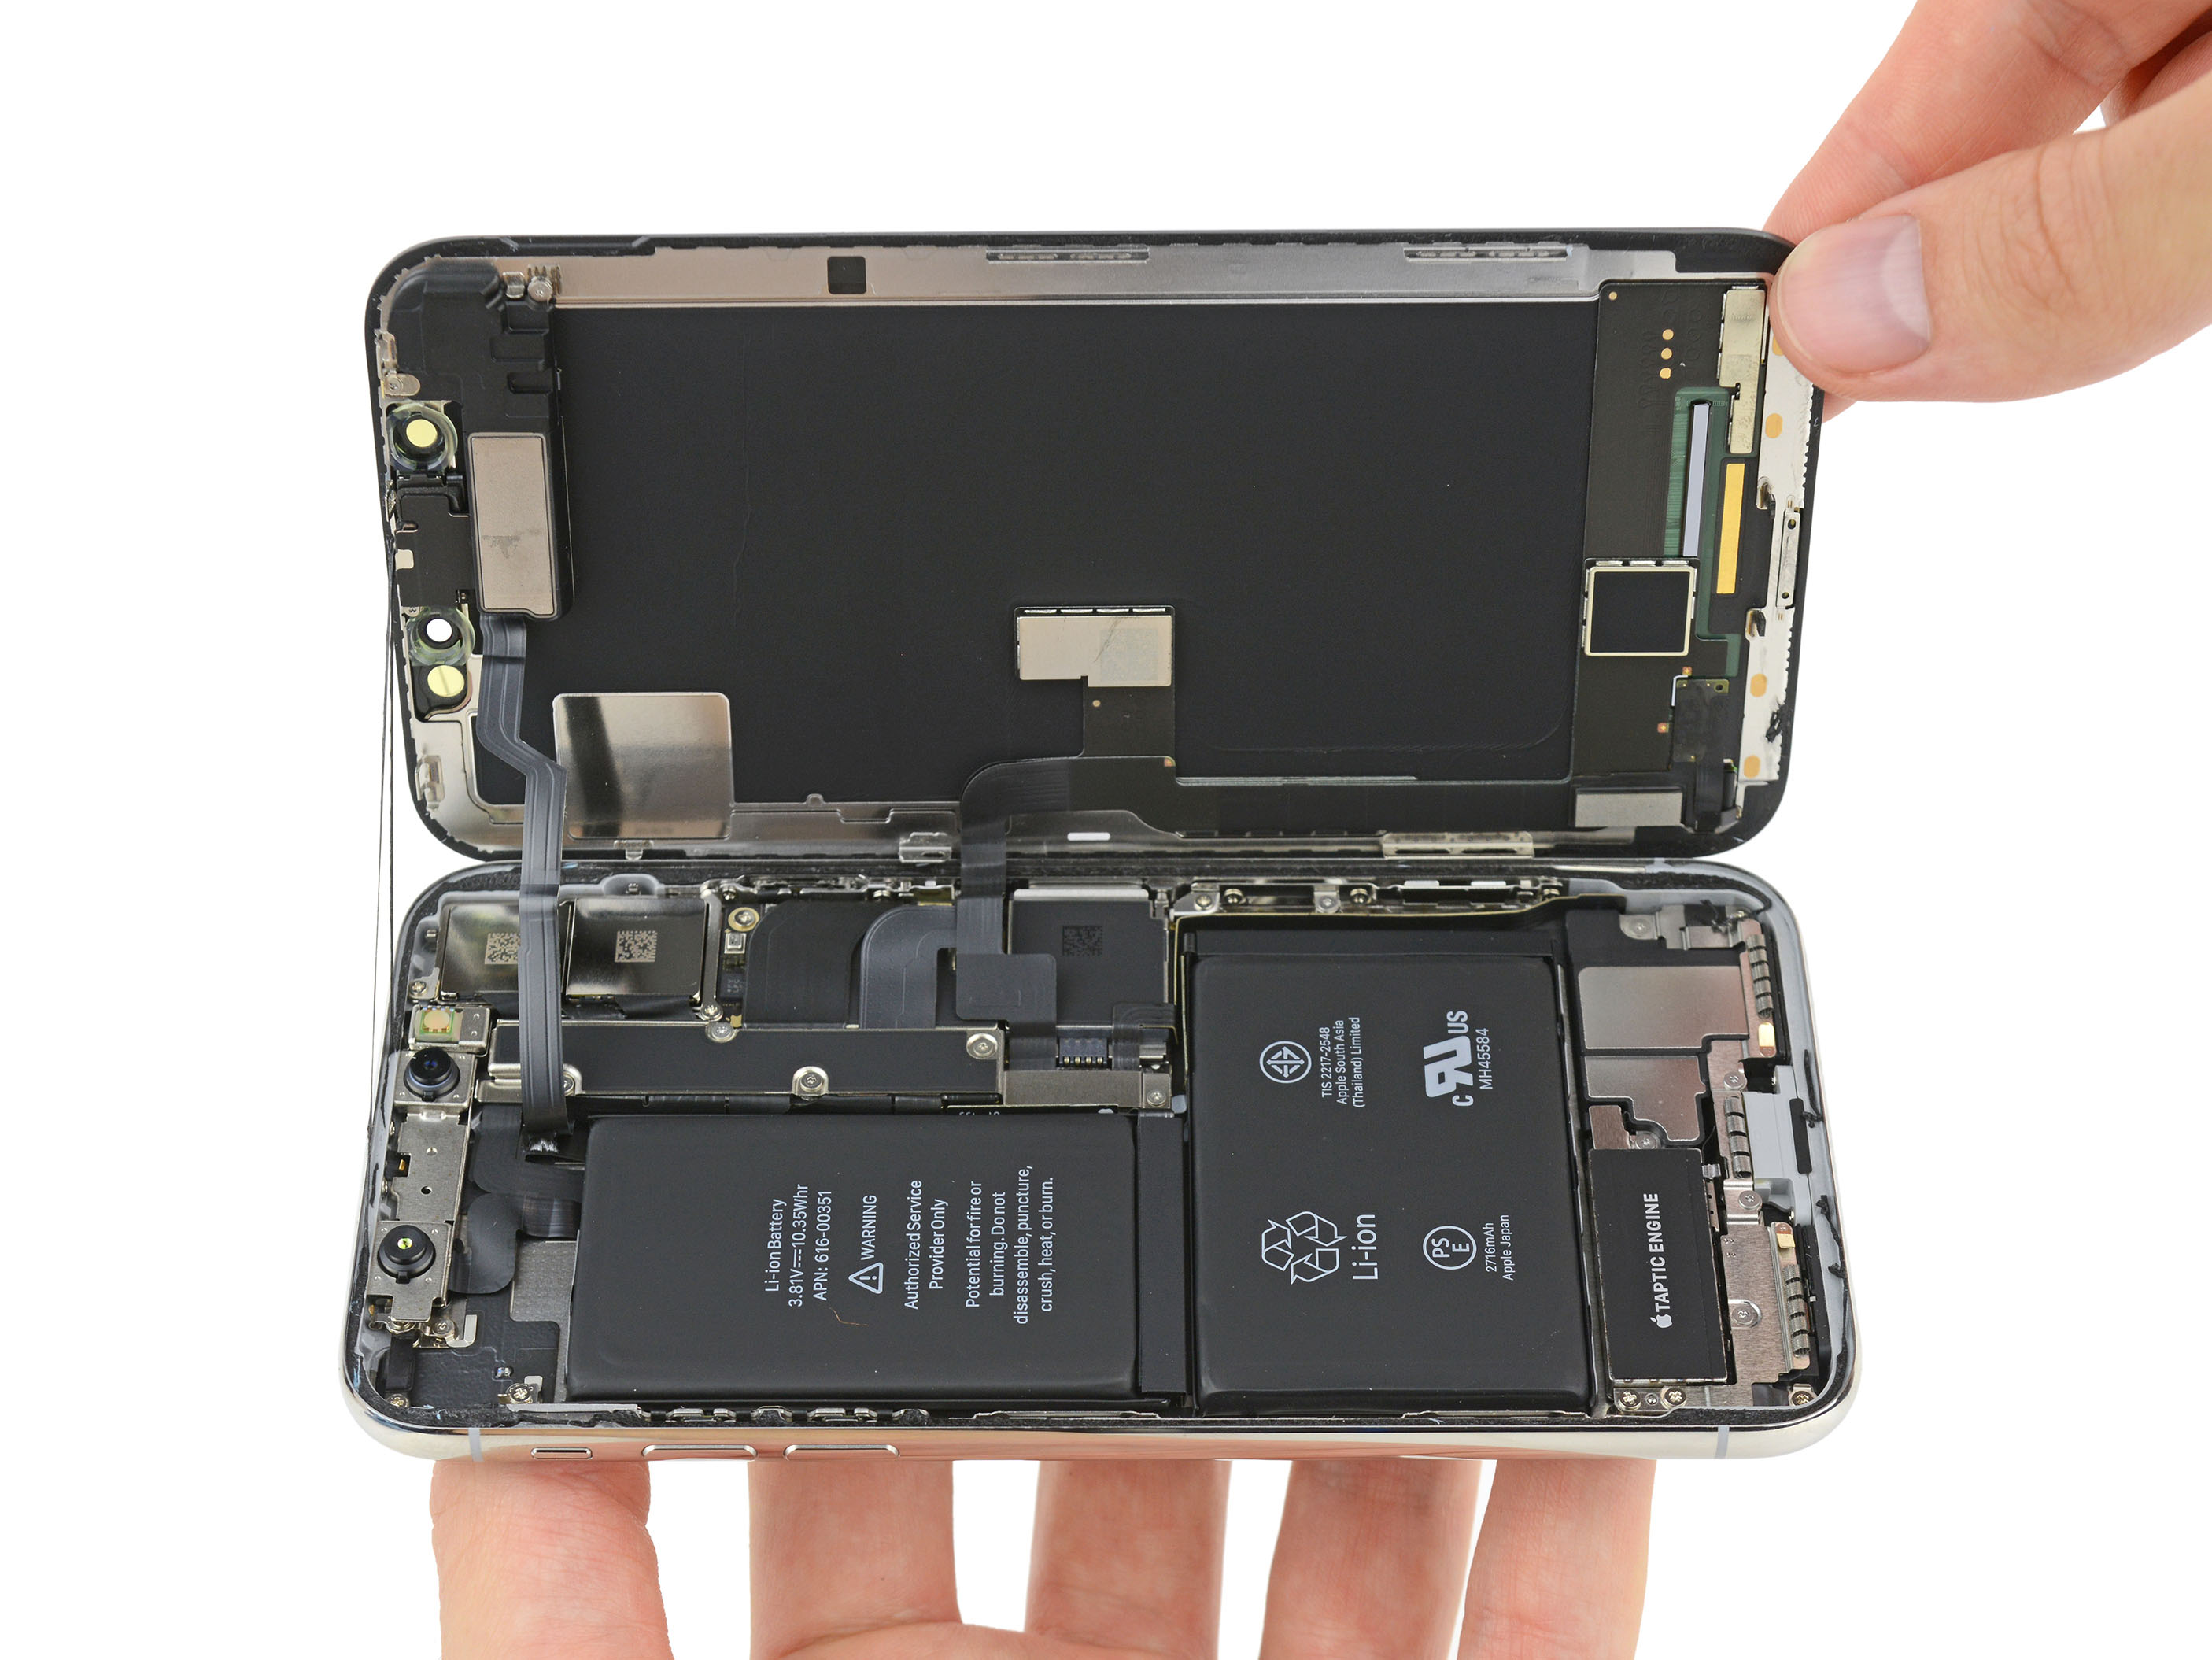 Apple veut empêcher la réparation des batteries par des tiers